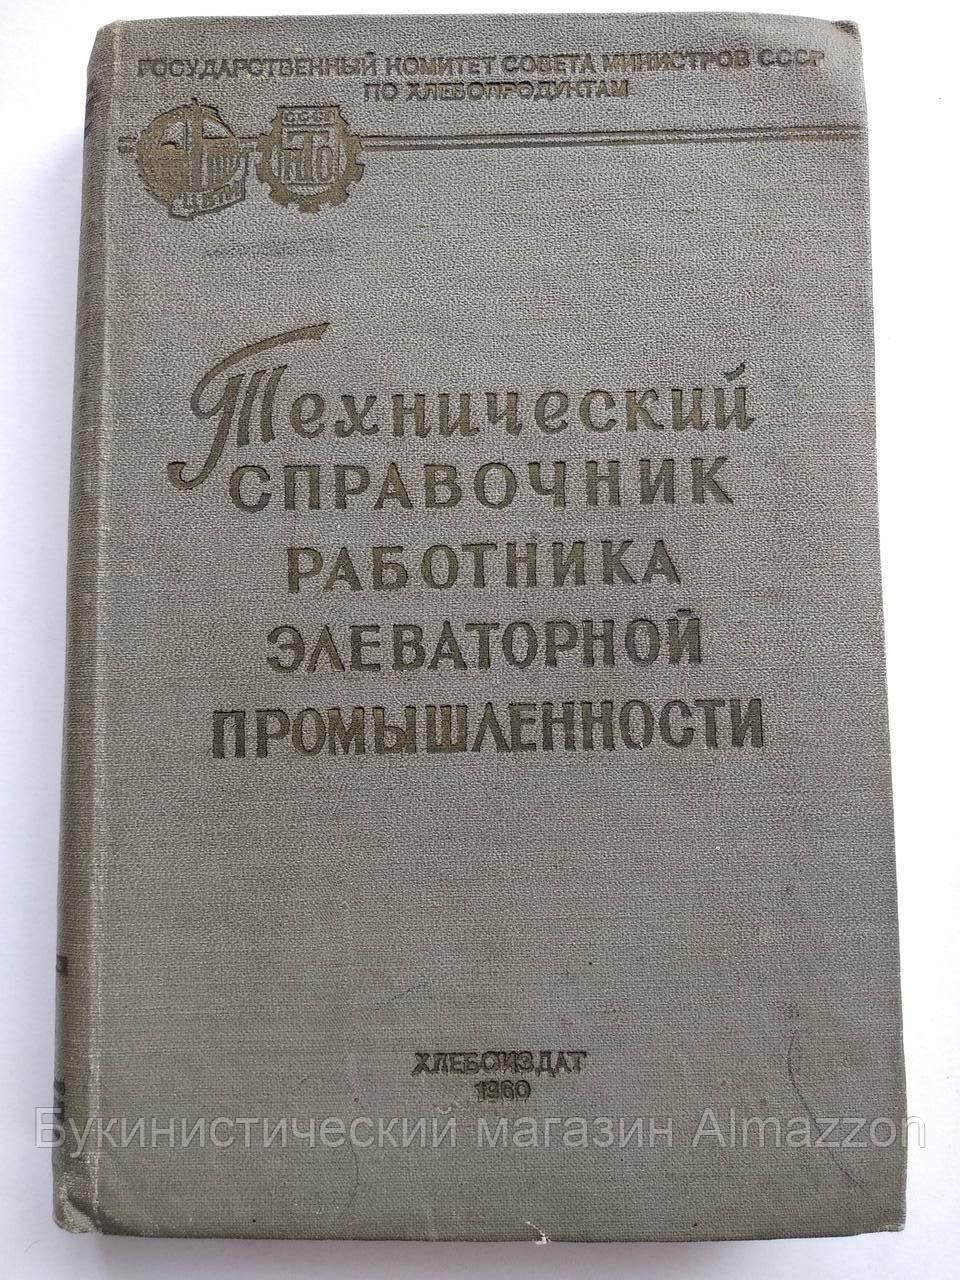 Технический справочник работника элеваторной промышленности Хлебоиздат 1960 год